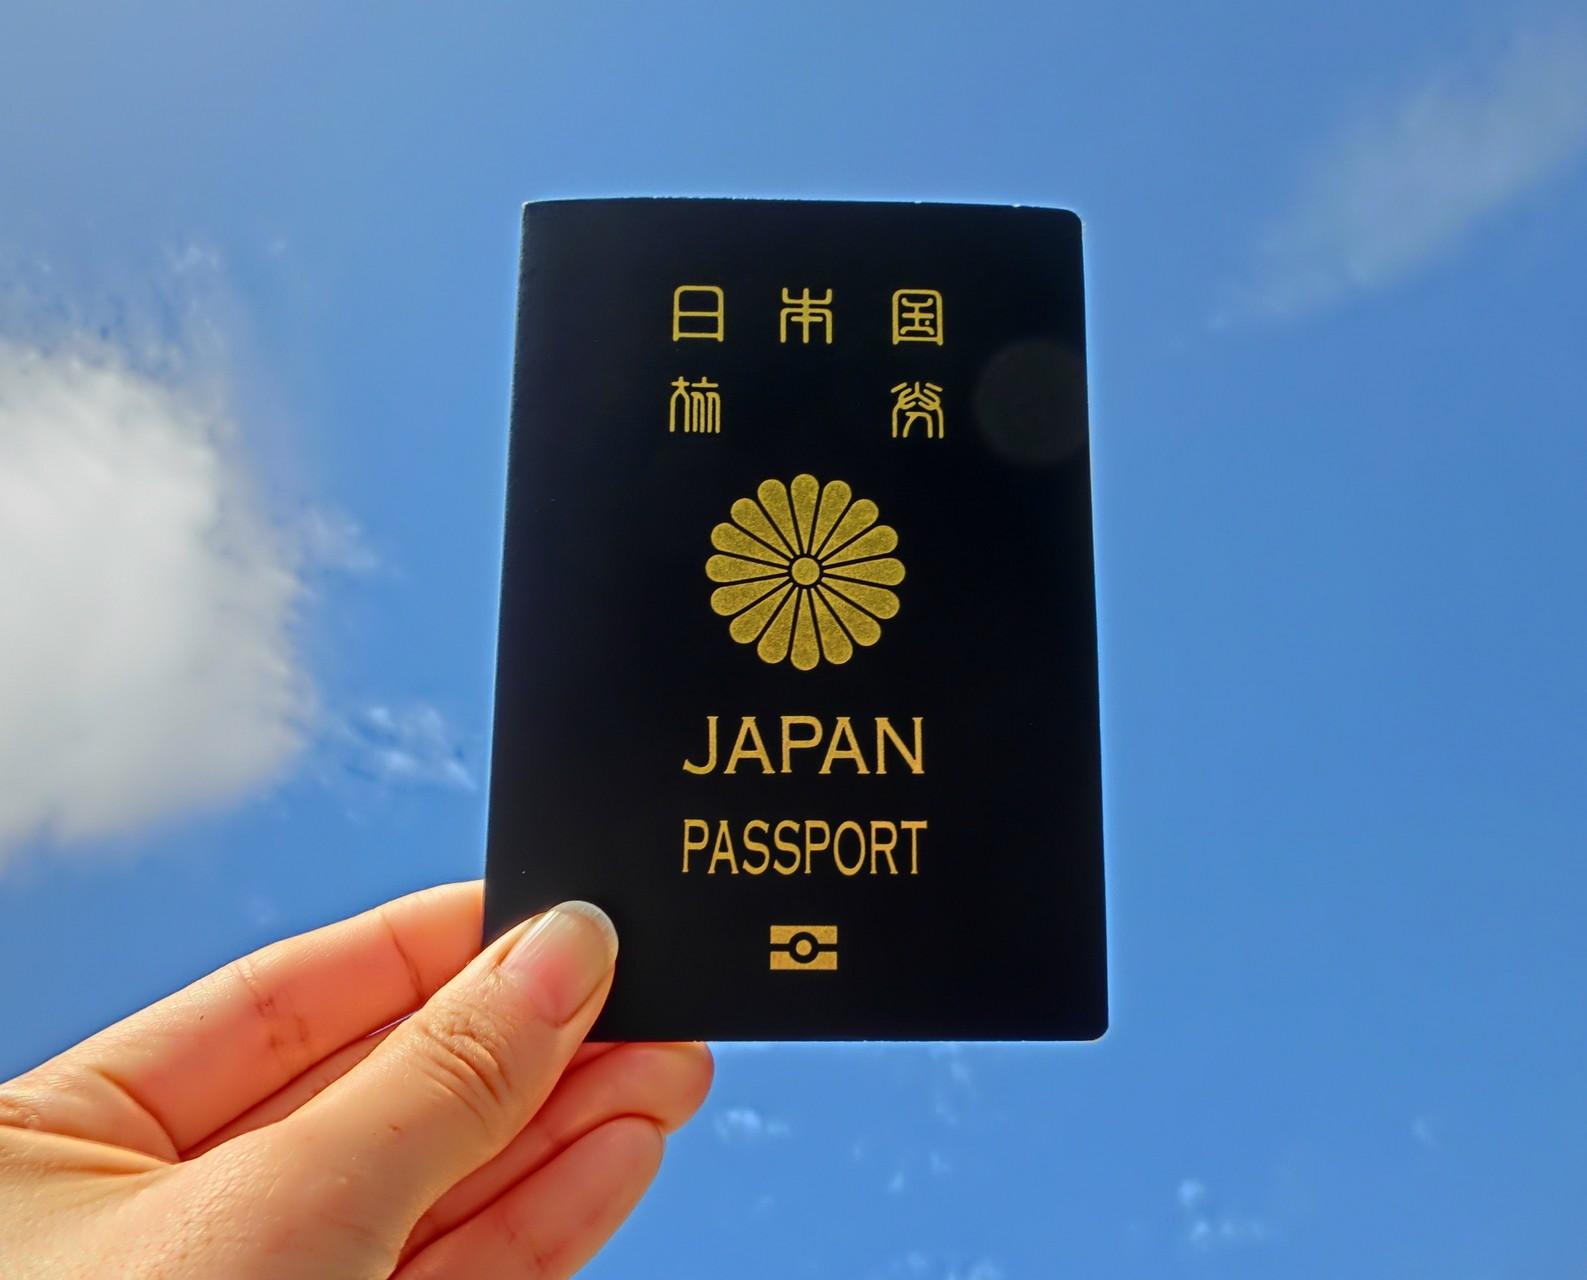 海外旅行が決まったら、まずはパスポート!